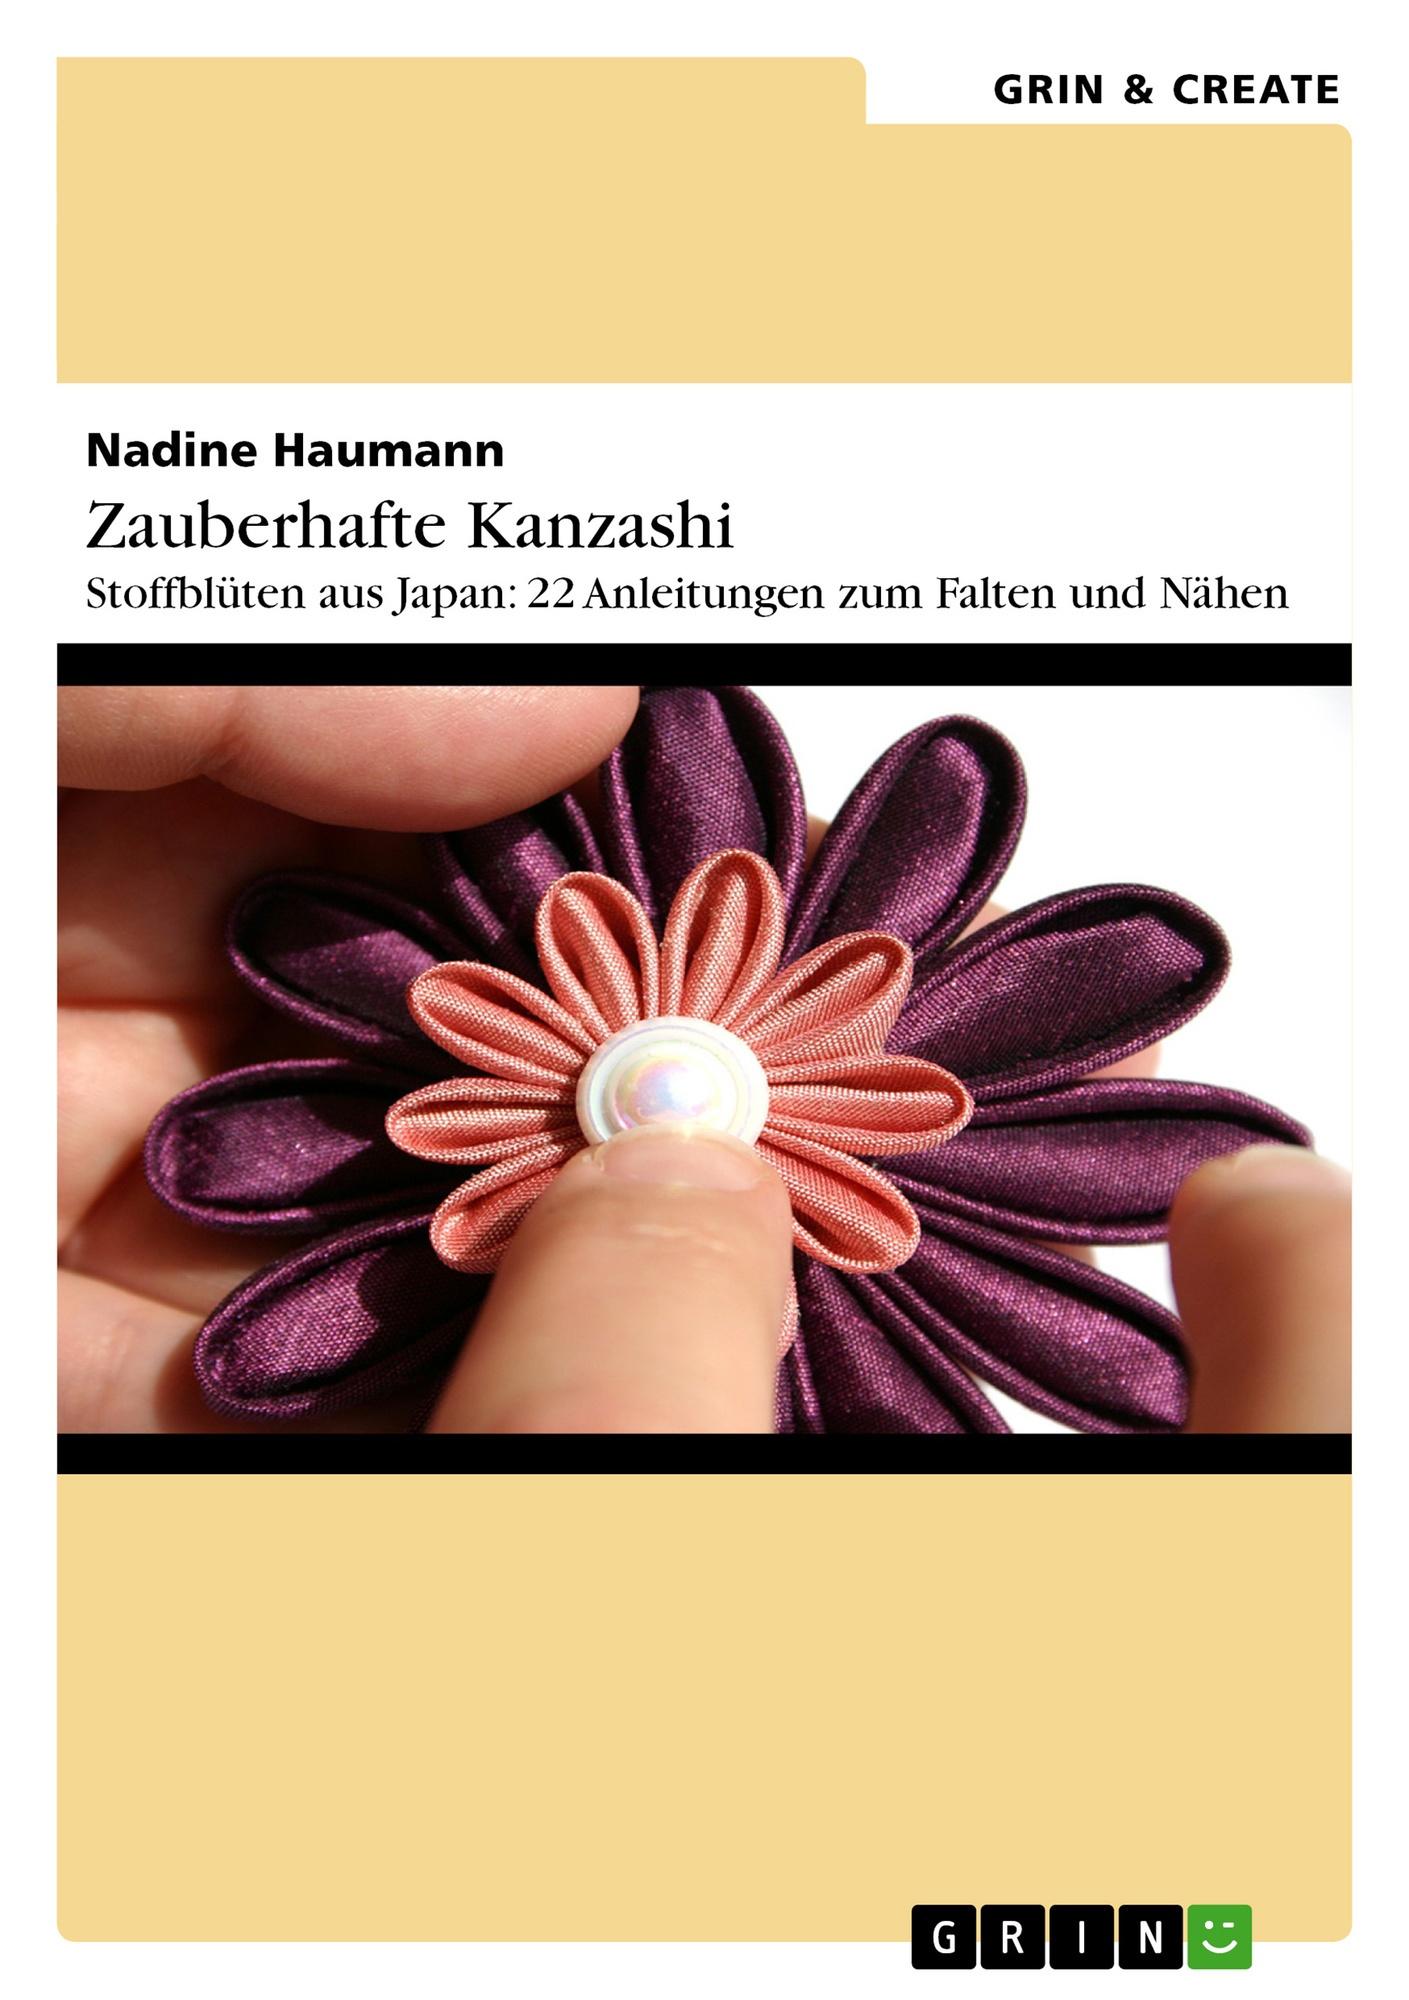 Titel: Zauberhafte Kanzashi. Stoffblütenschmuck aus Japan: 22 Anleitungen zum Falten und Nähen